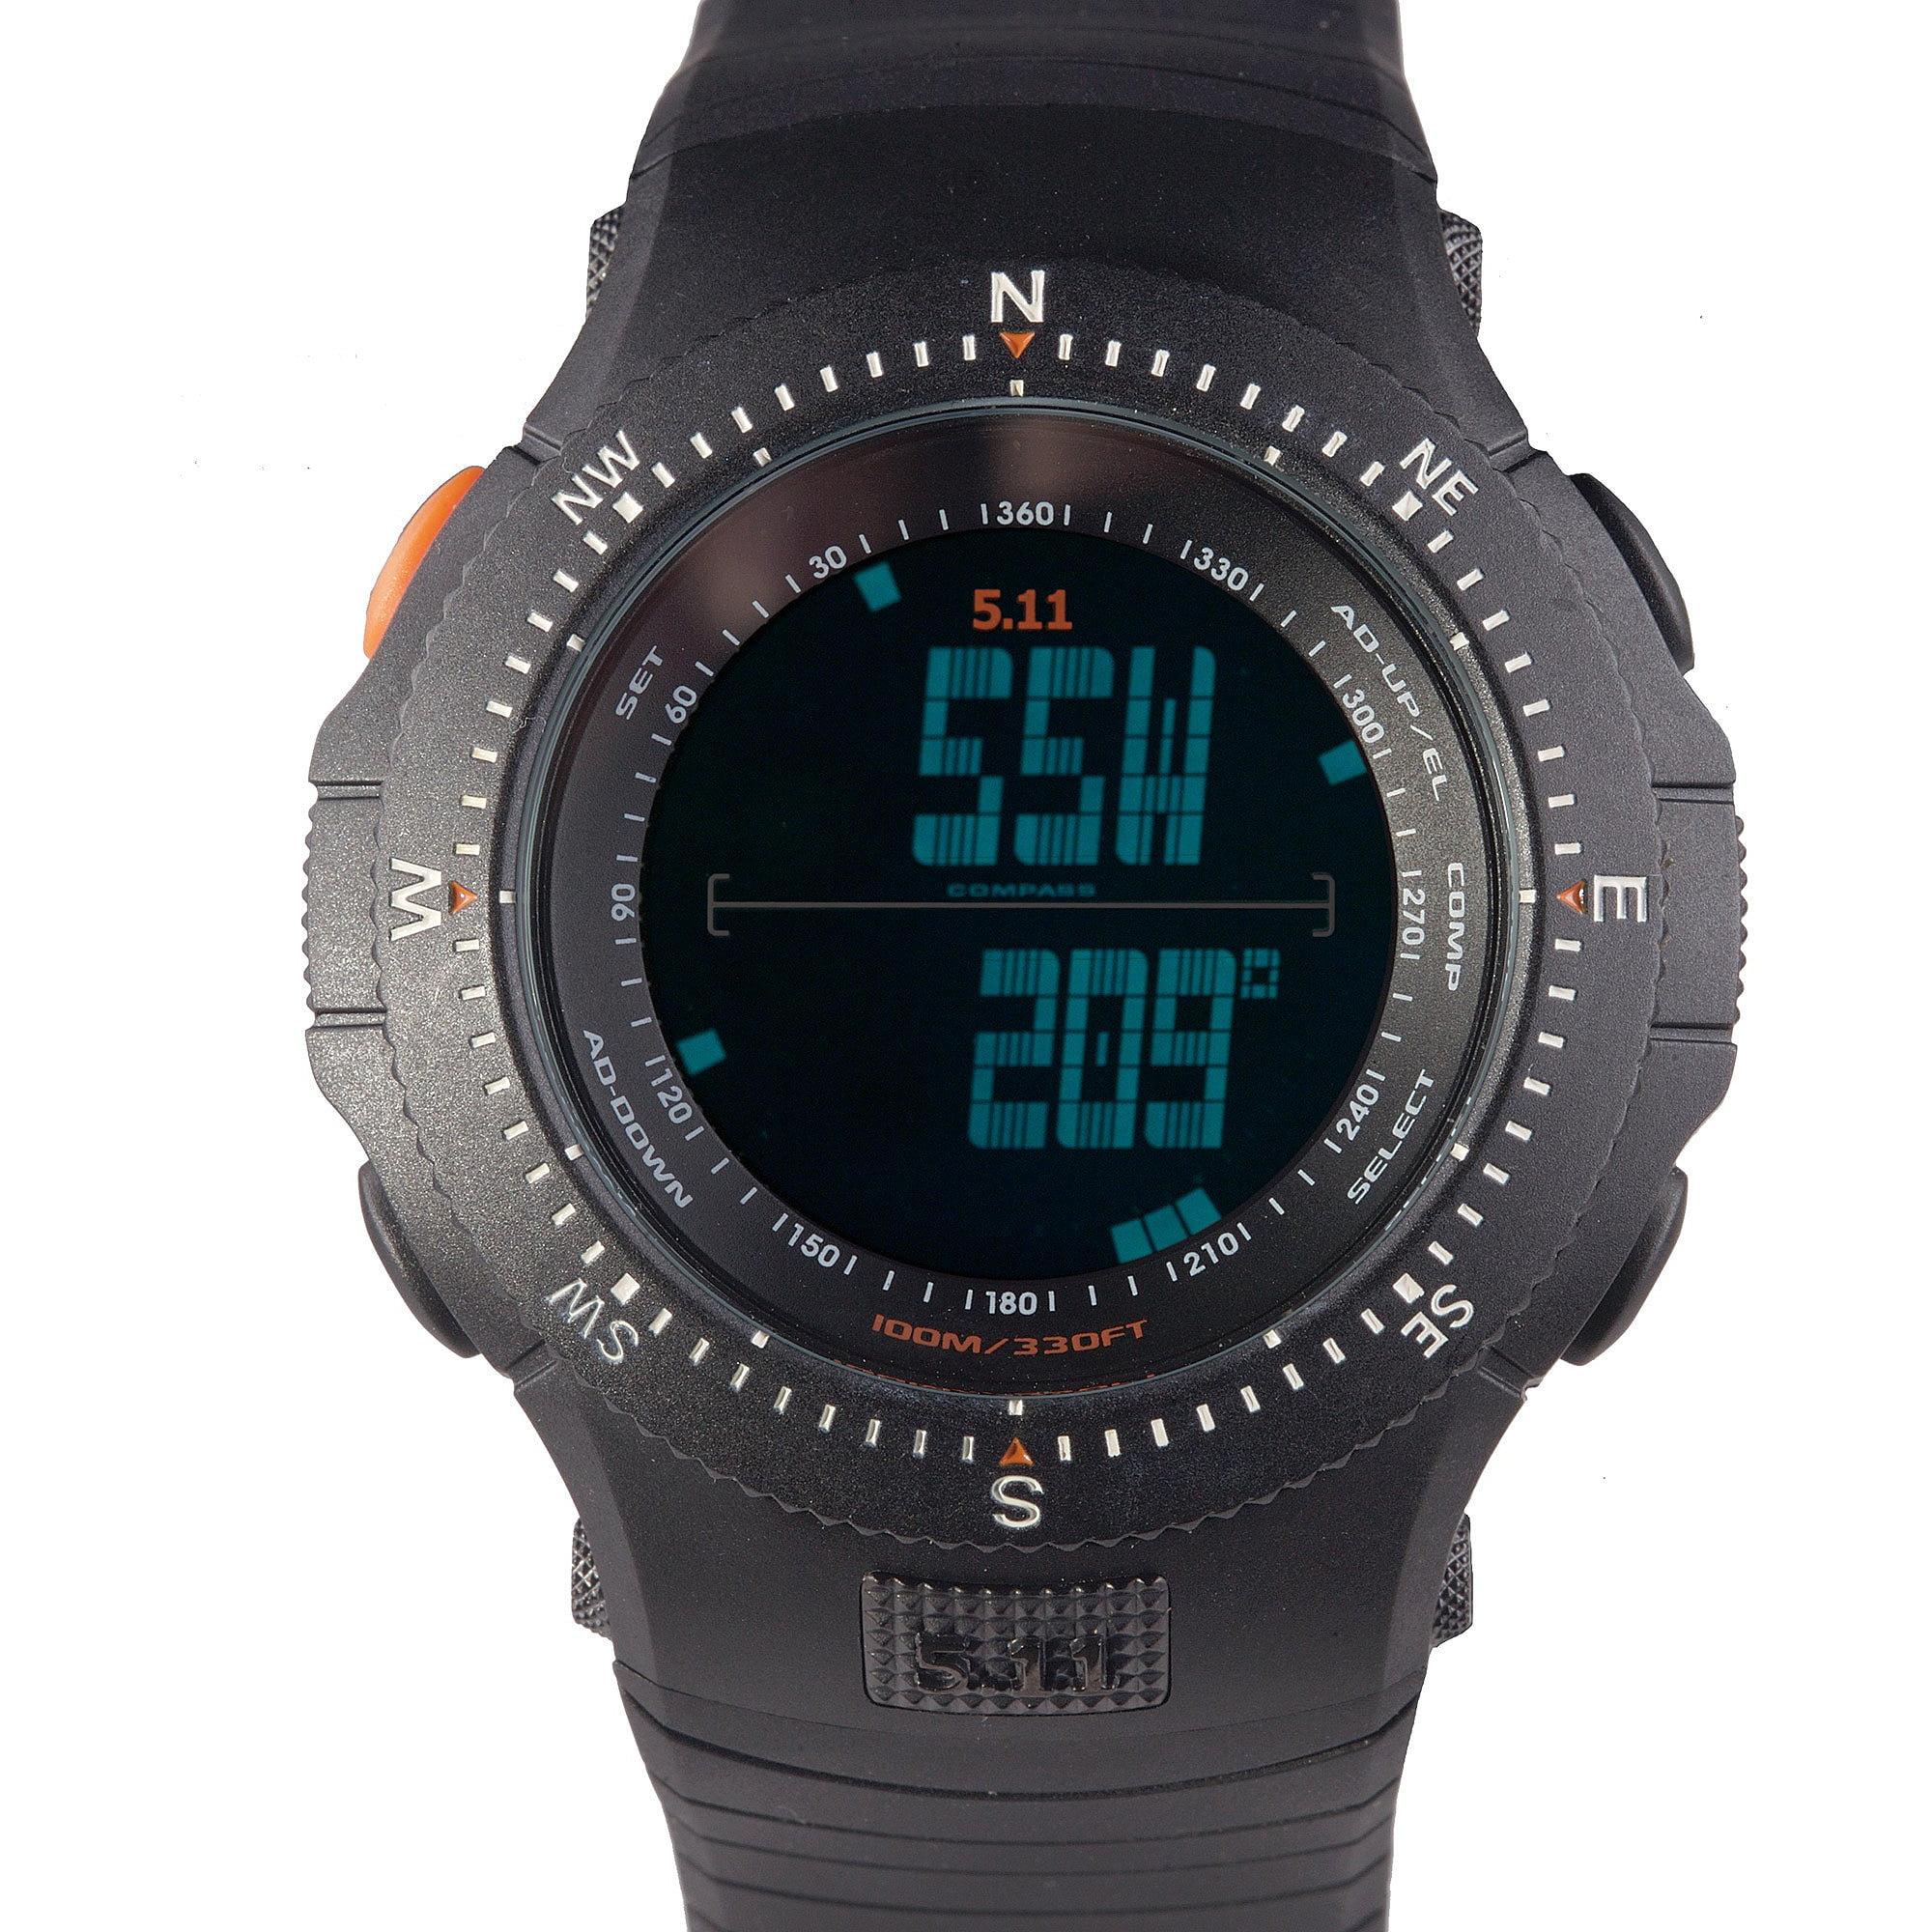 5.11 INC Field Ops Watch Black